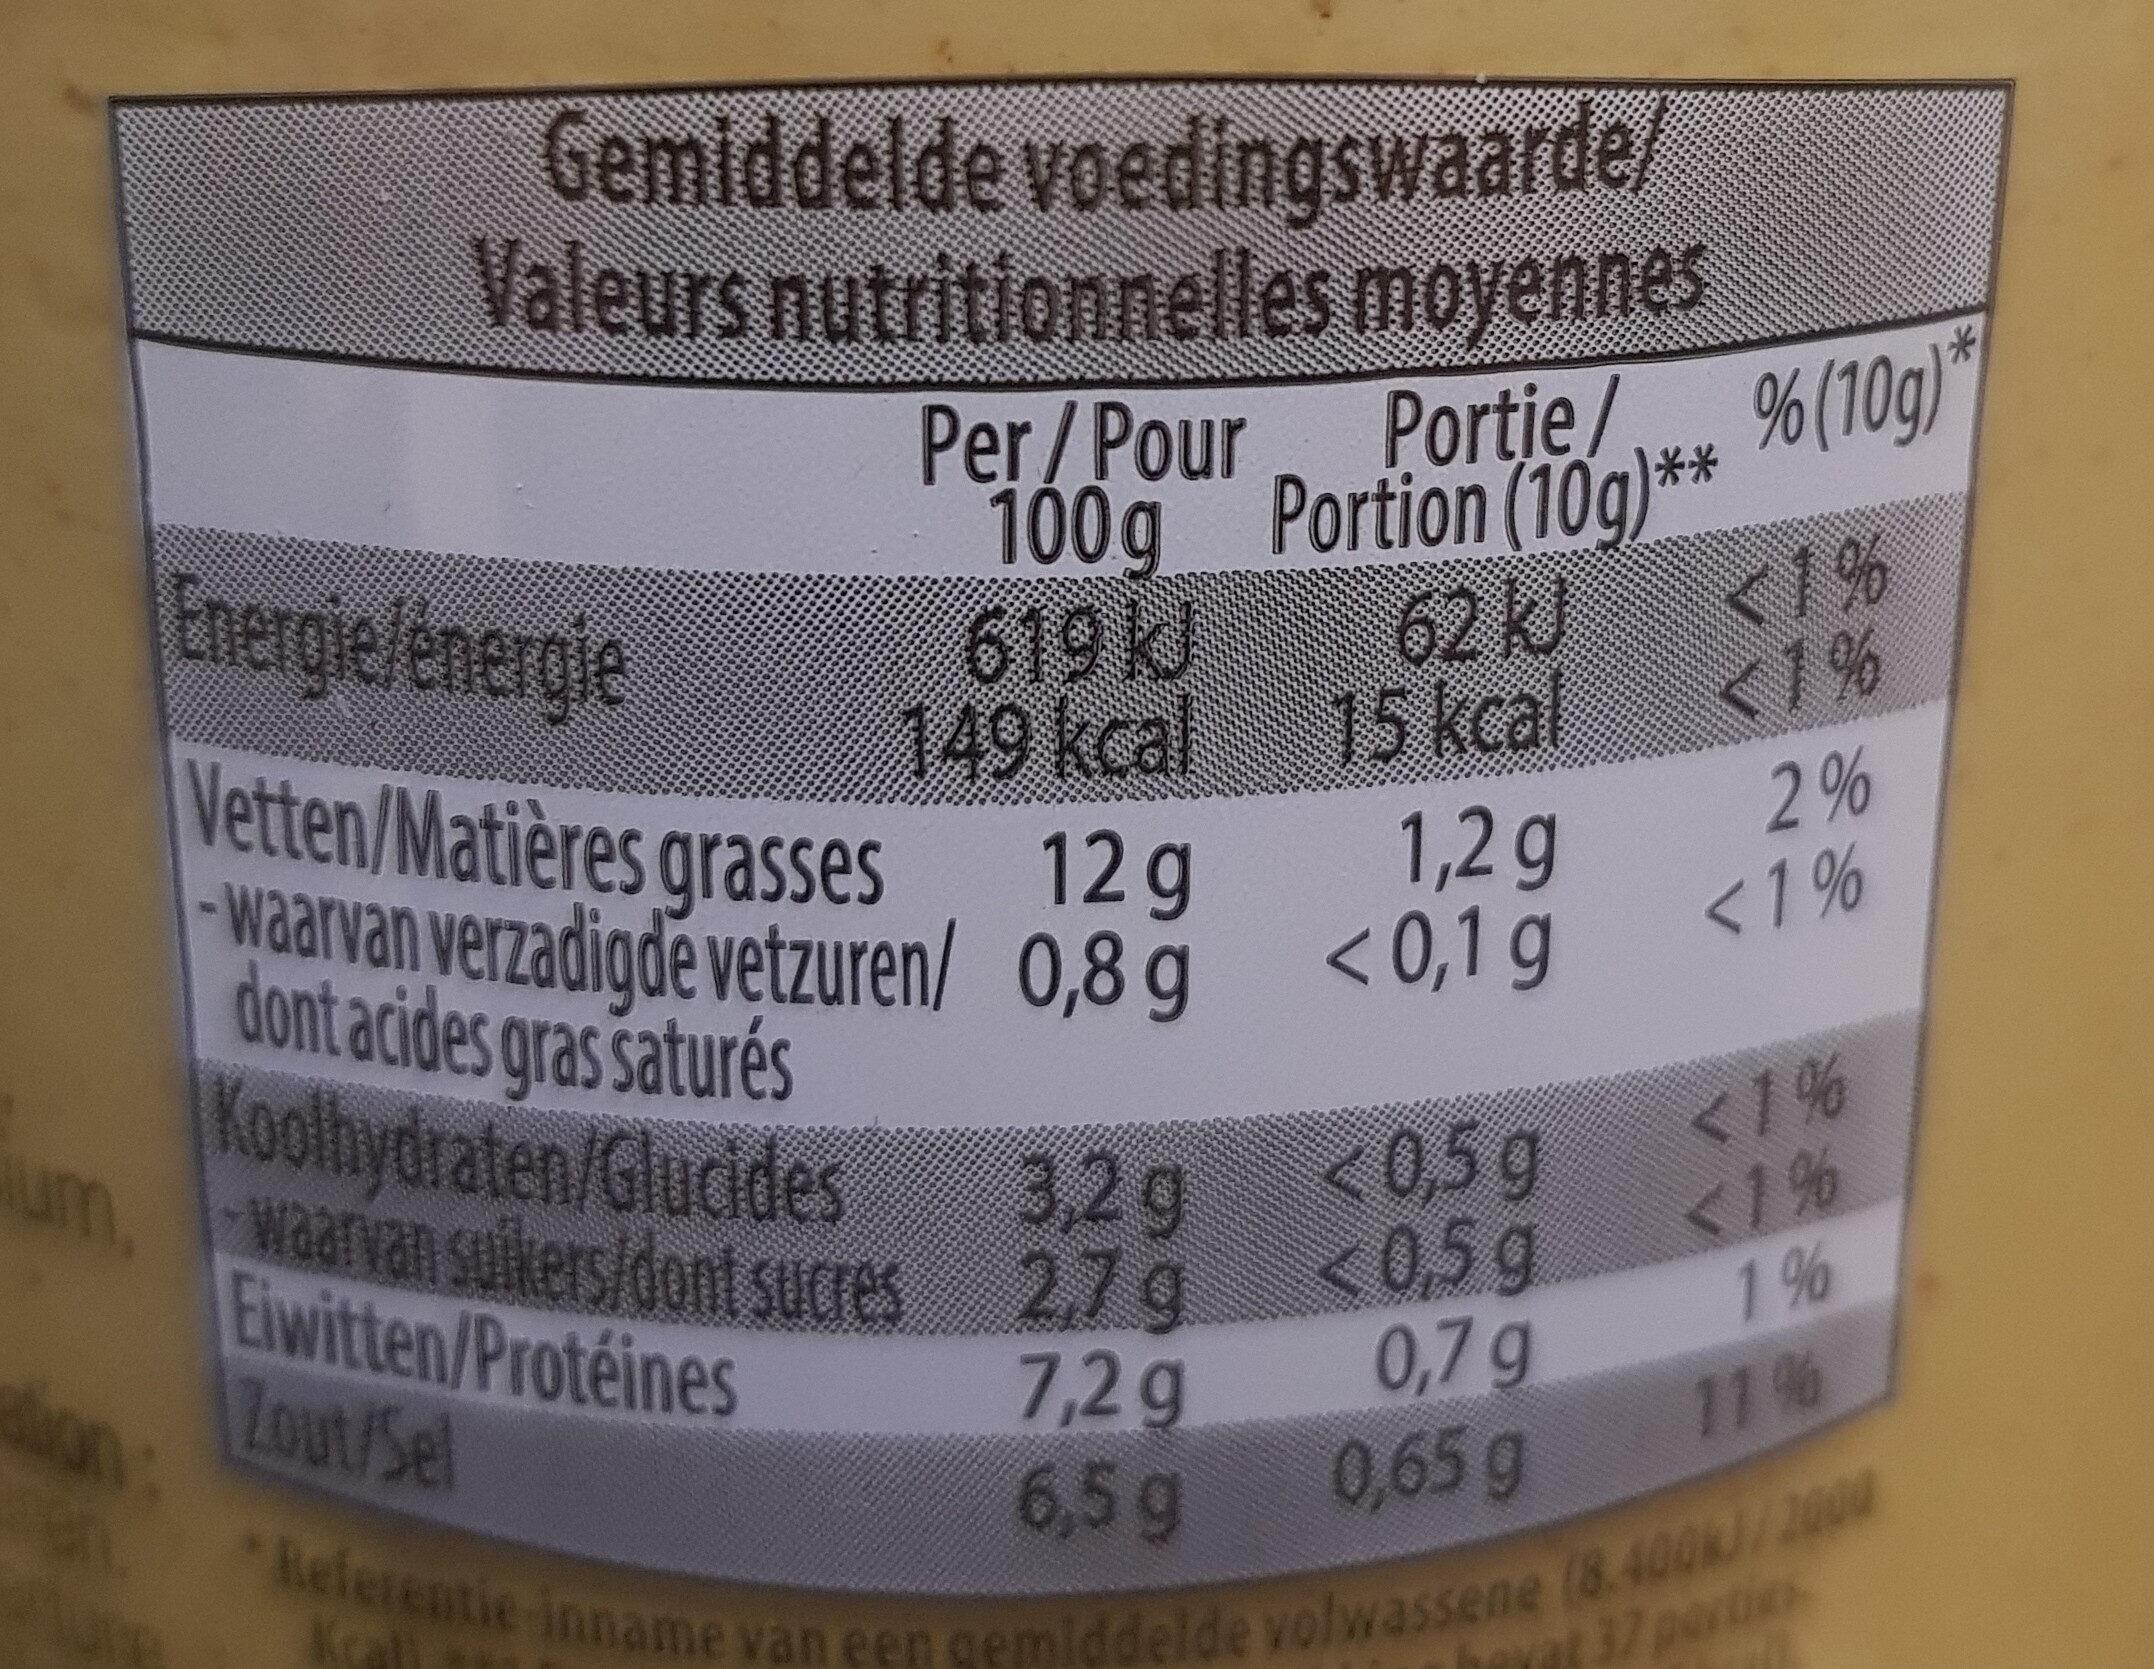 Moutarde de Dijon, Dijon mosterd - Voedingswaarden - nl